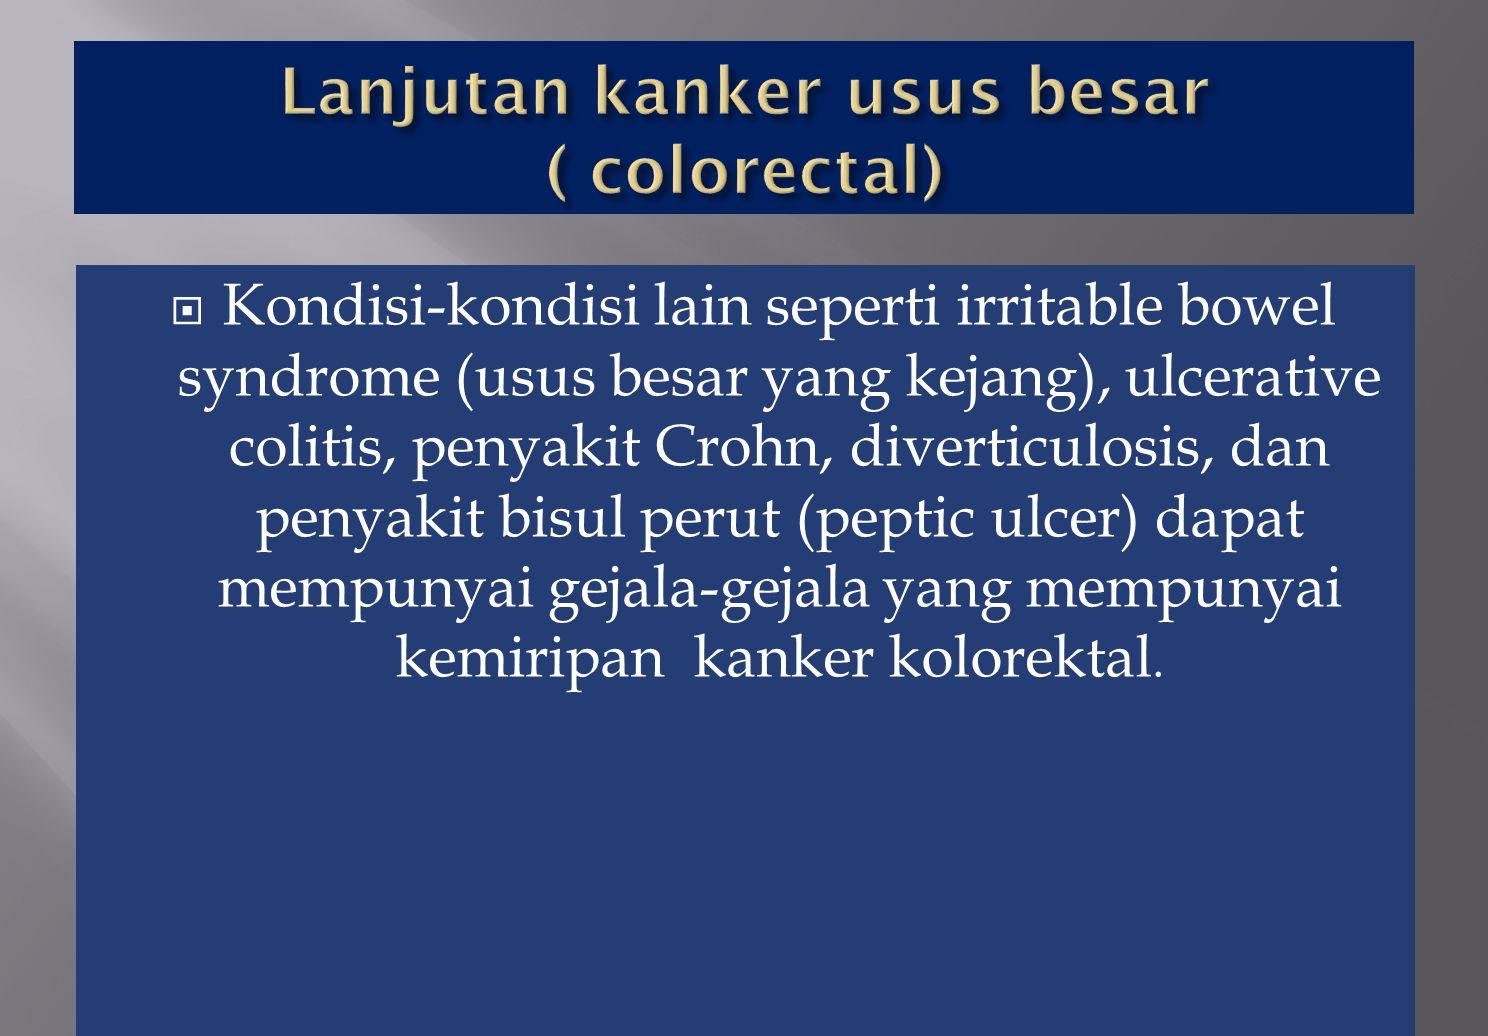 Lanjutan kanker usus besar ( colorectal)